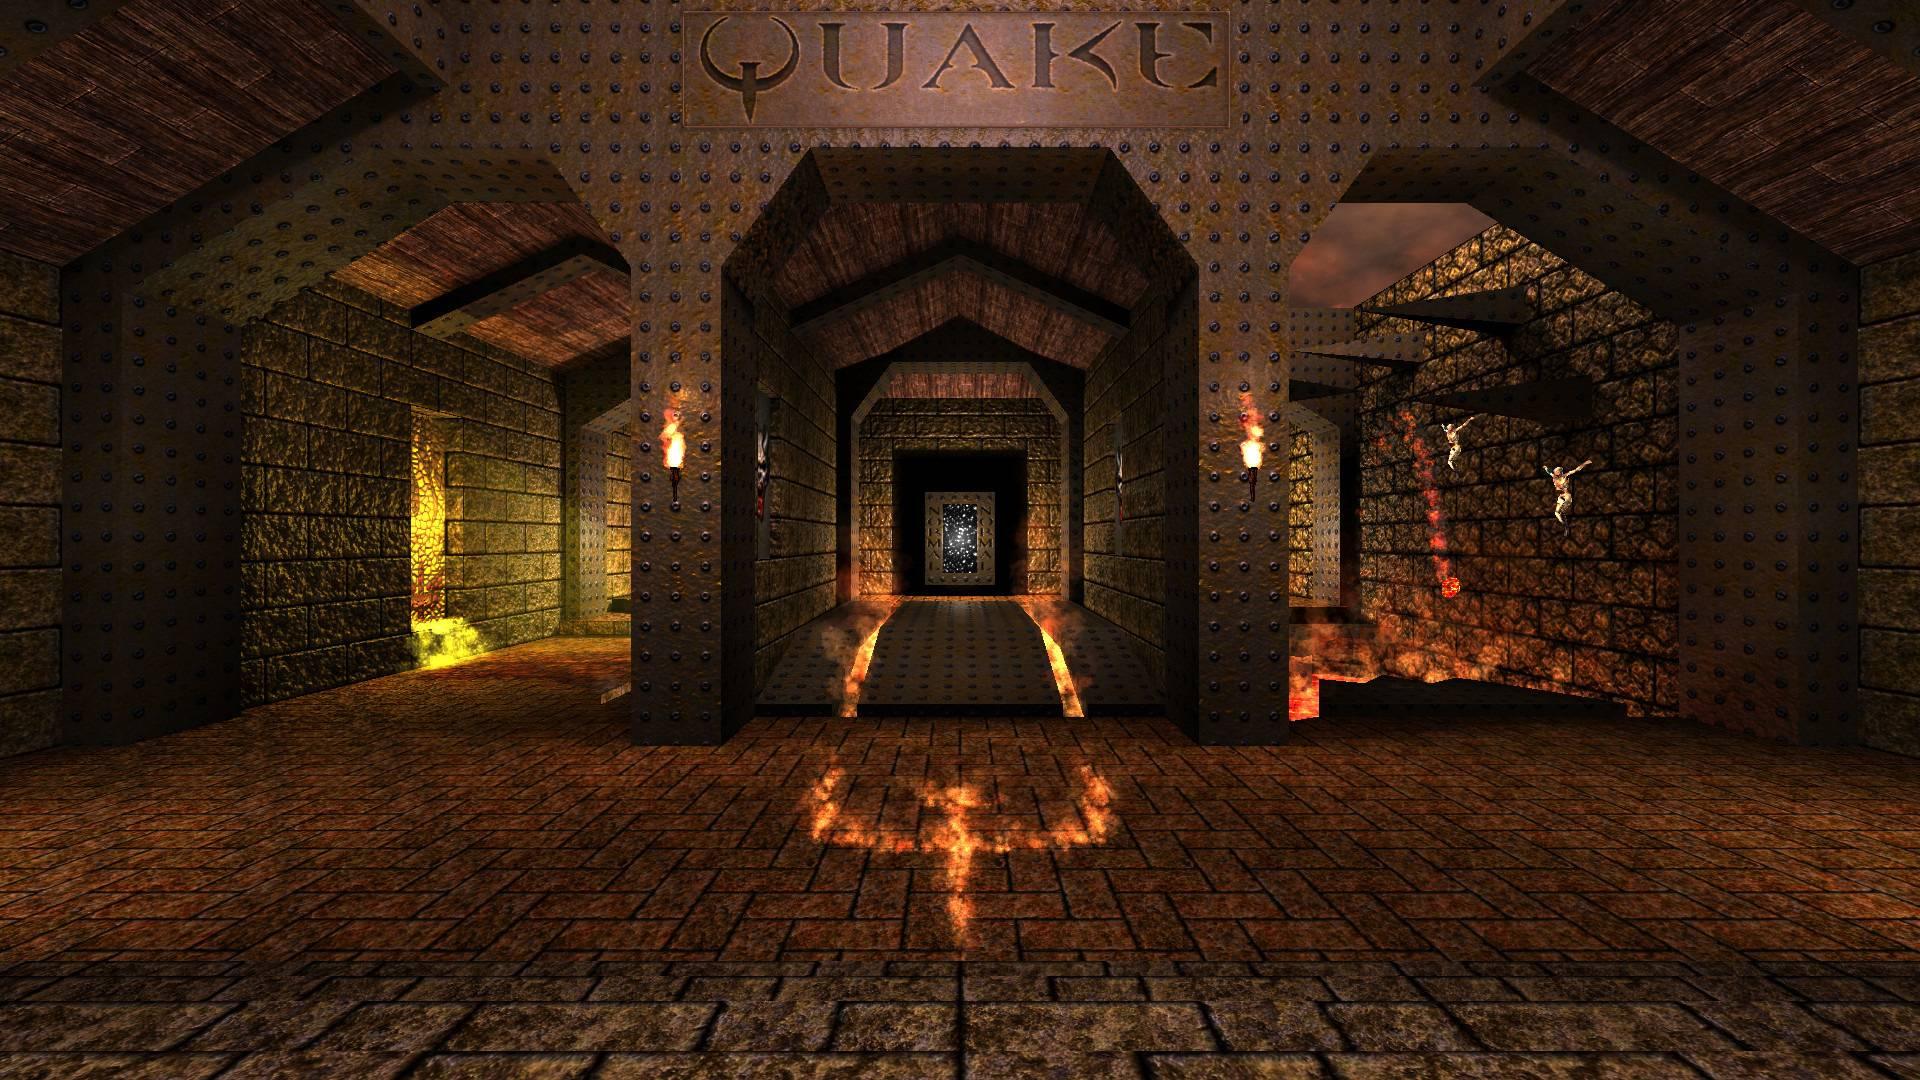 3d Wallpaper Cave Quake Wallpapers Wallpaper Cave